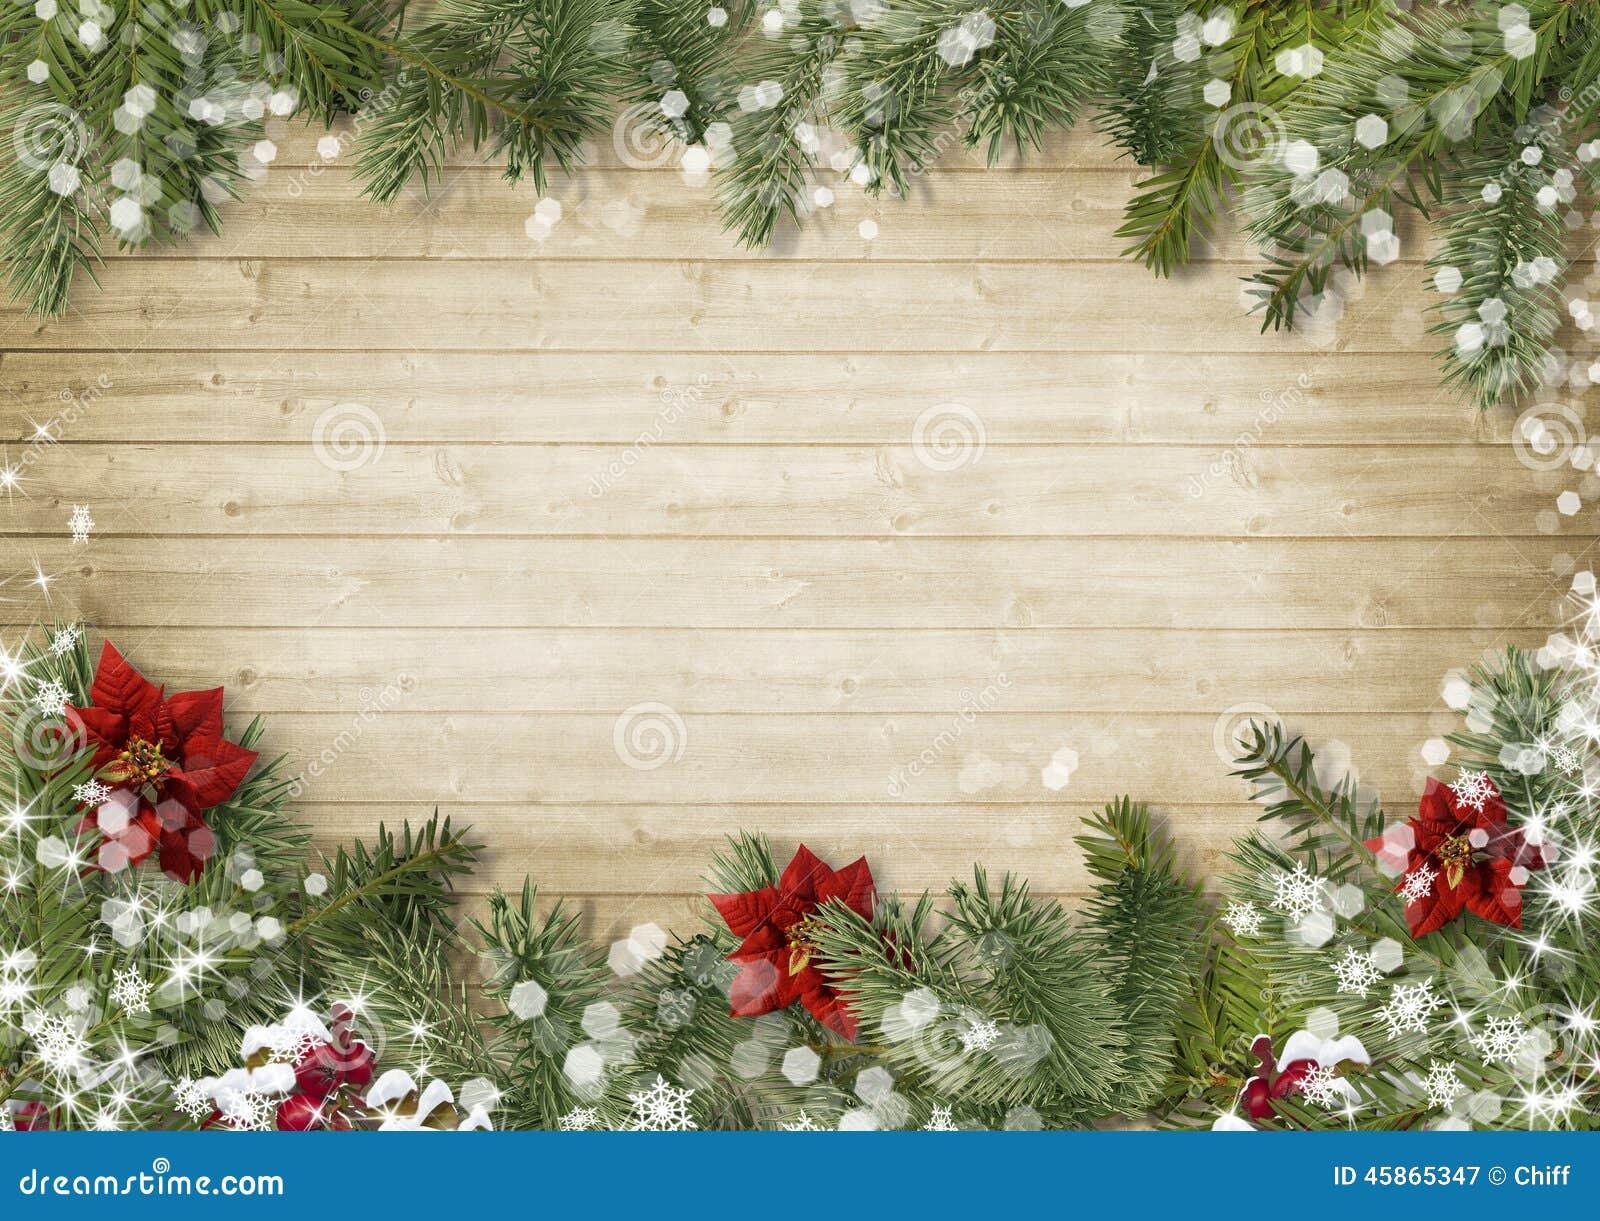 圣诞节边界有一品红onold木头背景